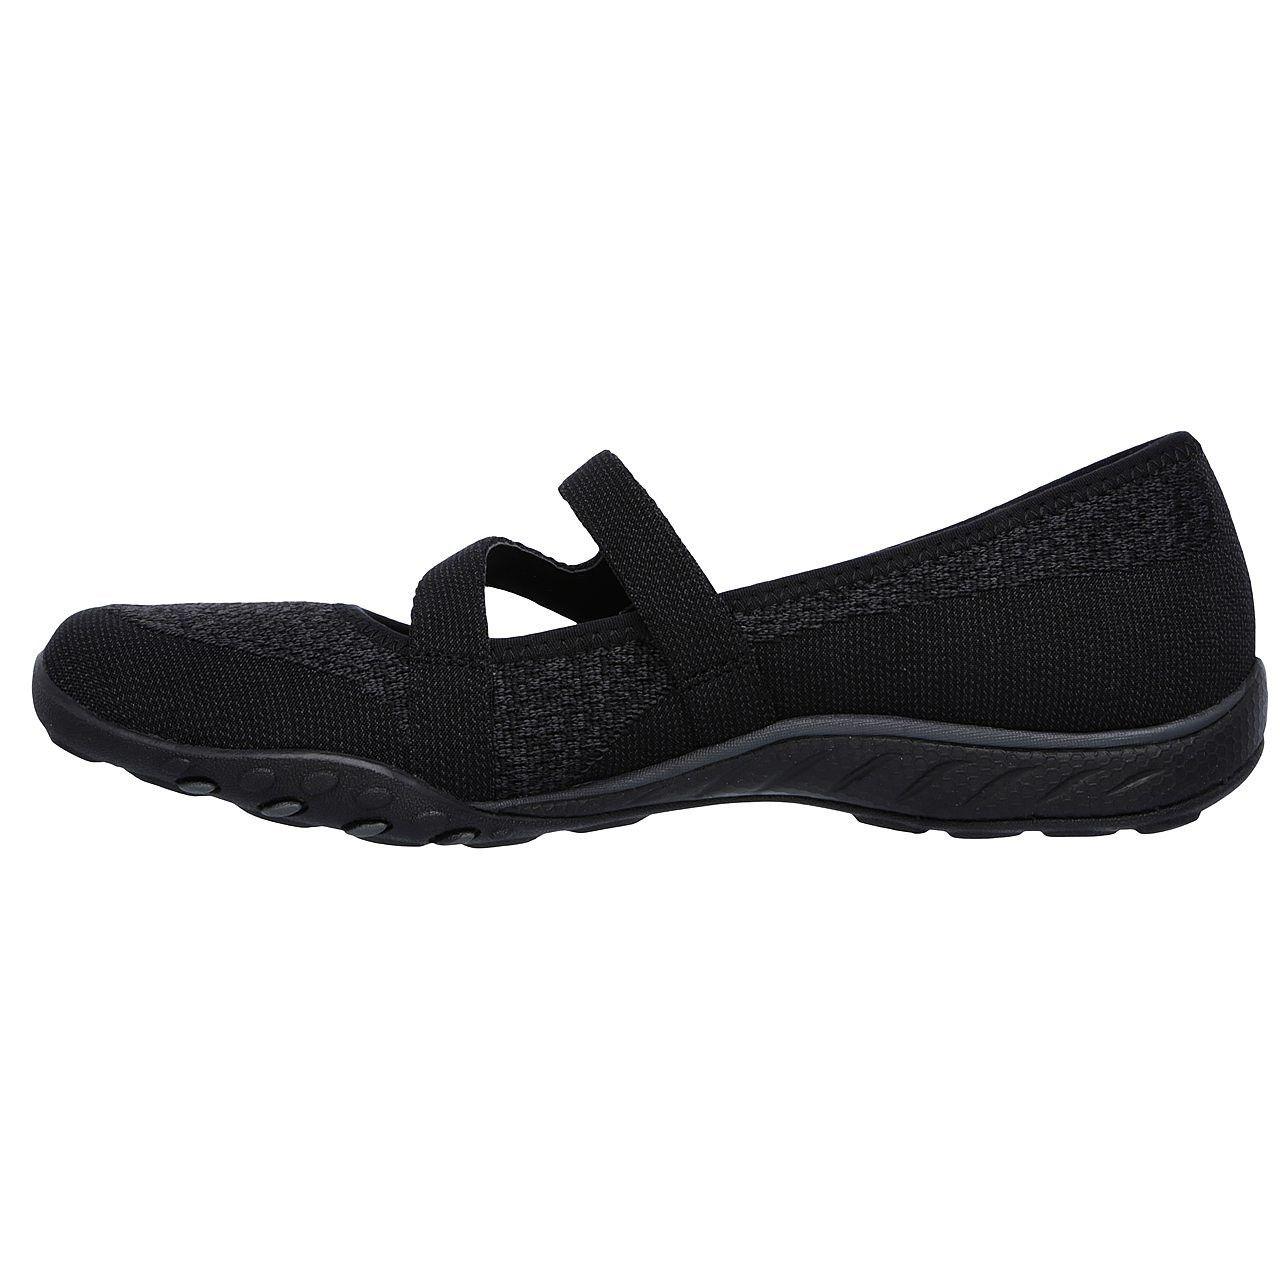 کفش راحتی زنانه اسکچرز مدل 23005BLK -  - 1